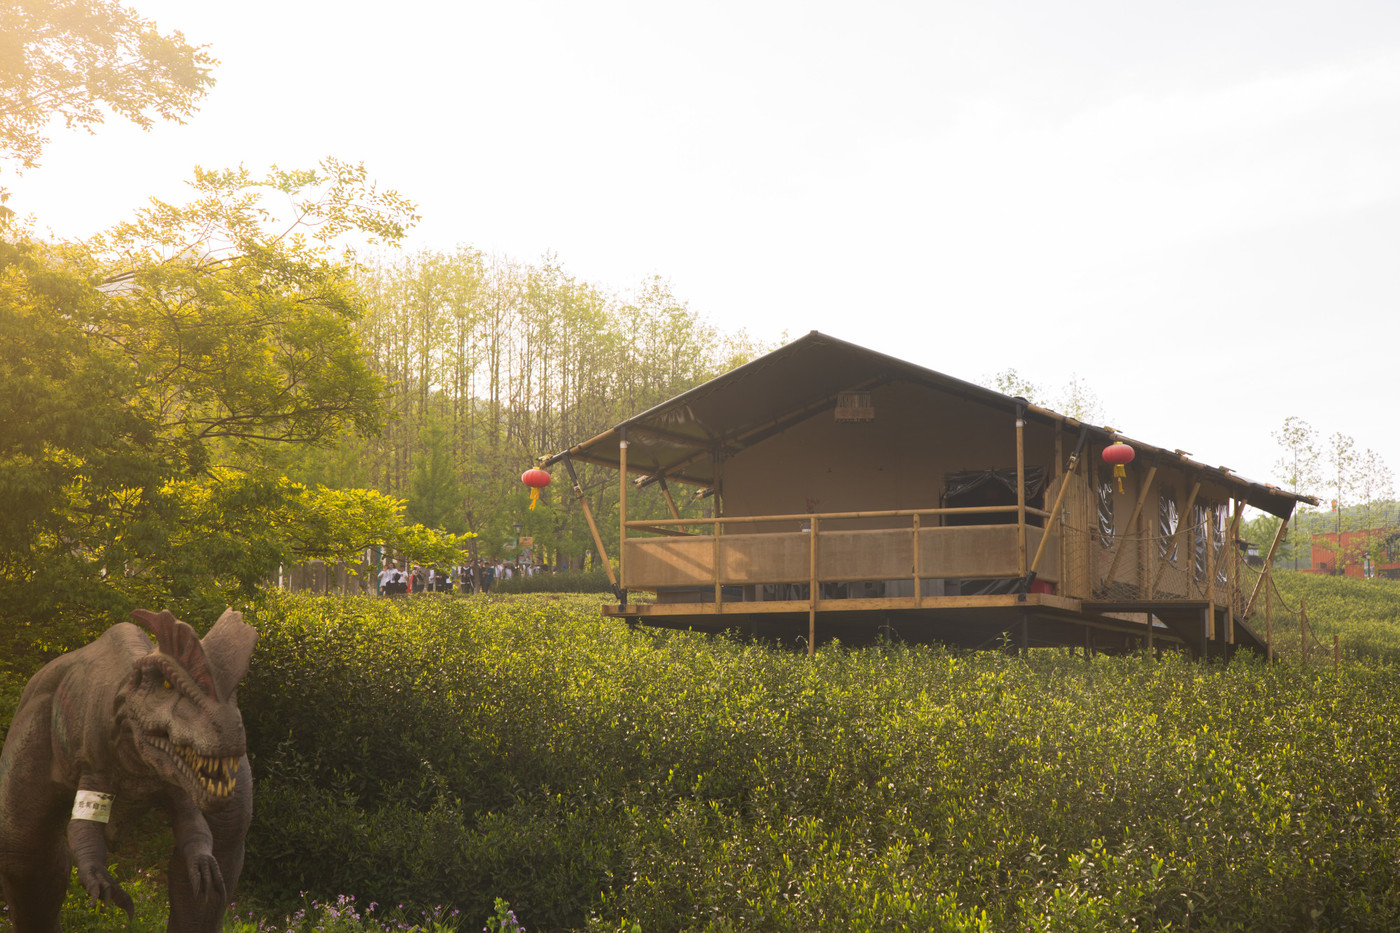 喜马拉雅野奢帐篷酒店—江苏茅山宝盛园(二期)11